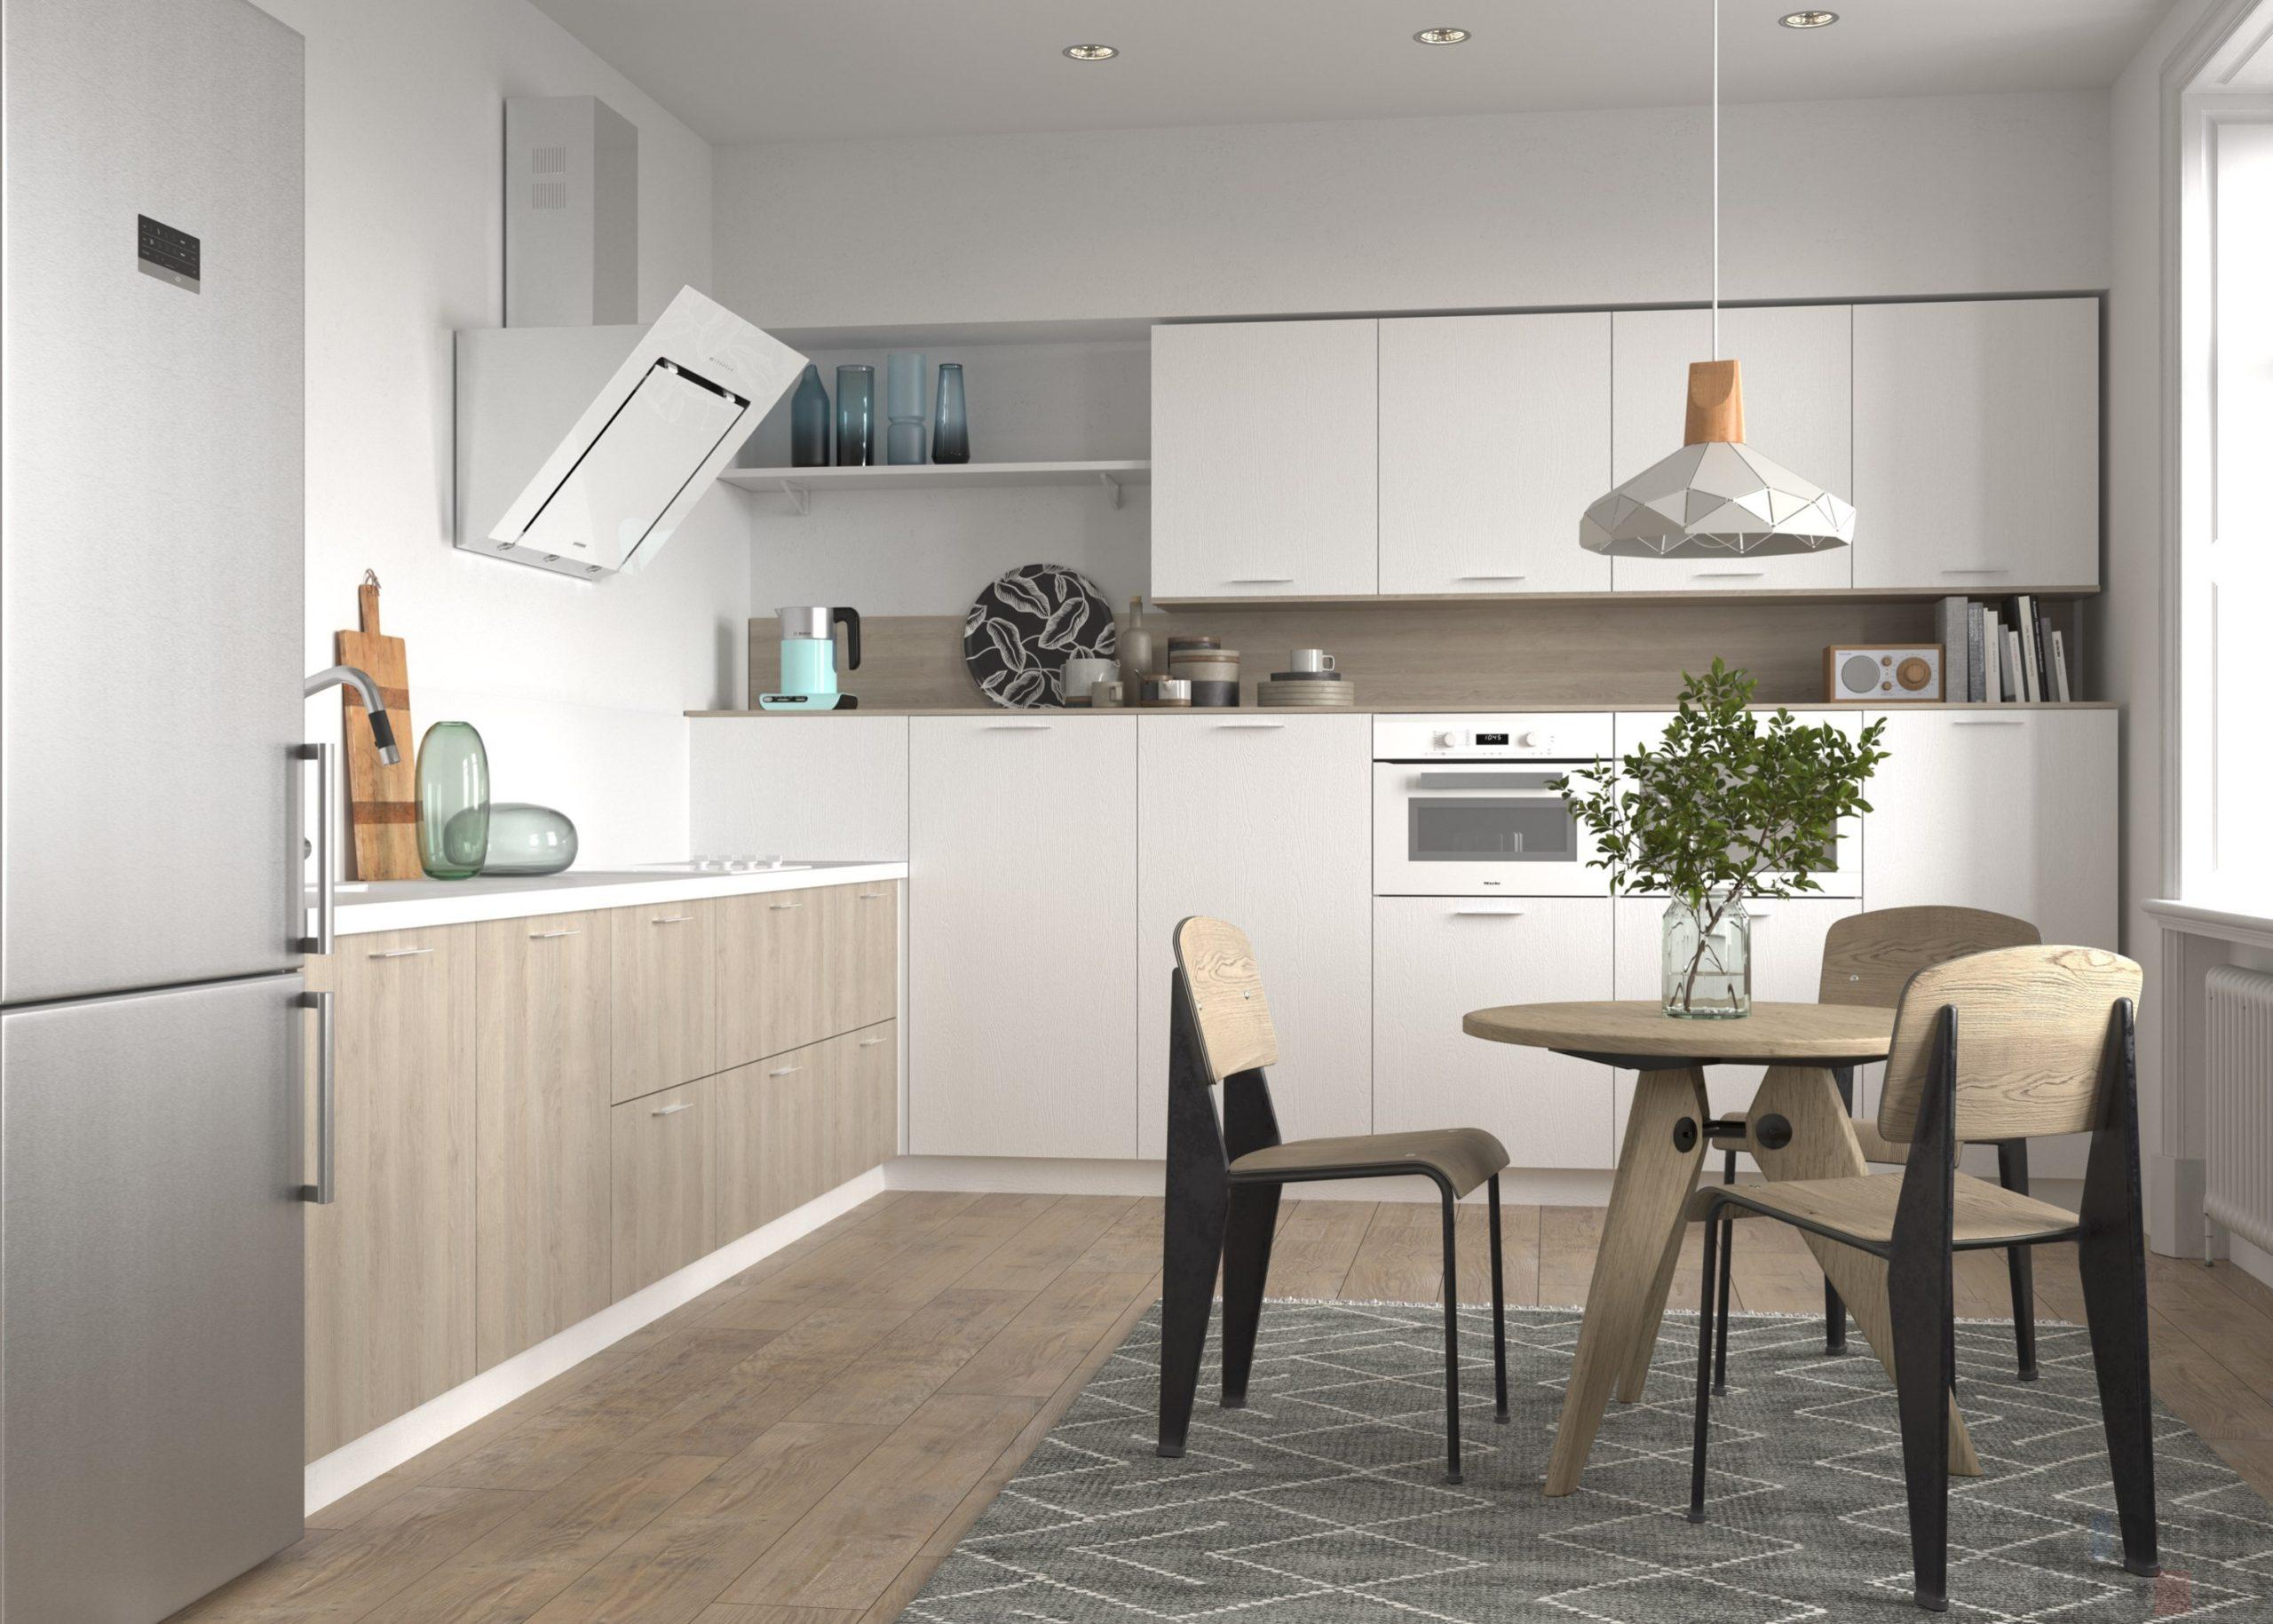 Кухня Interium Модерн.122 - дизайн интерьера